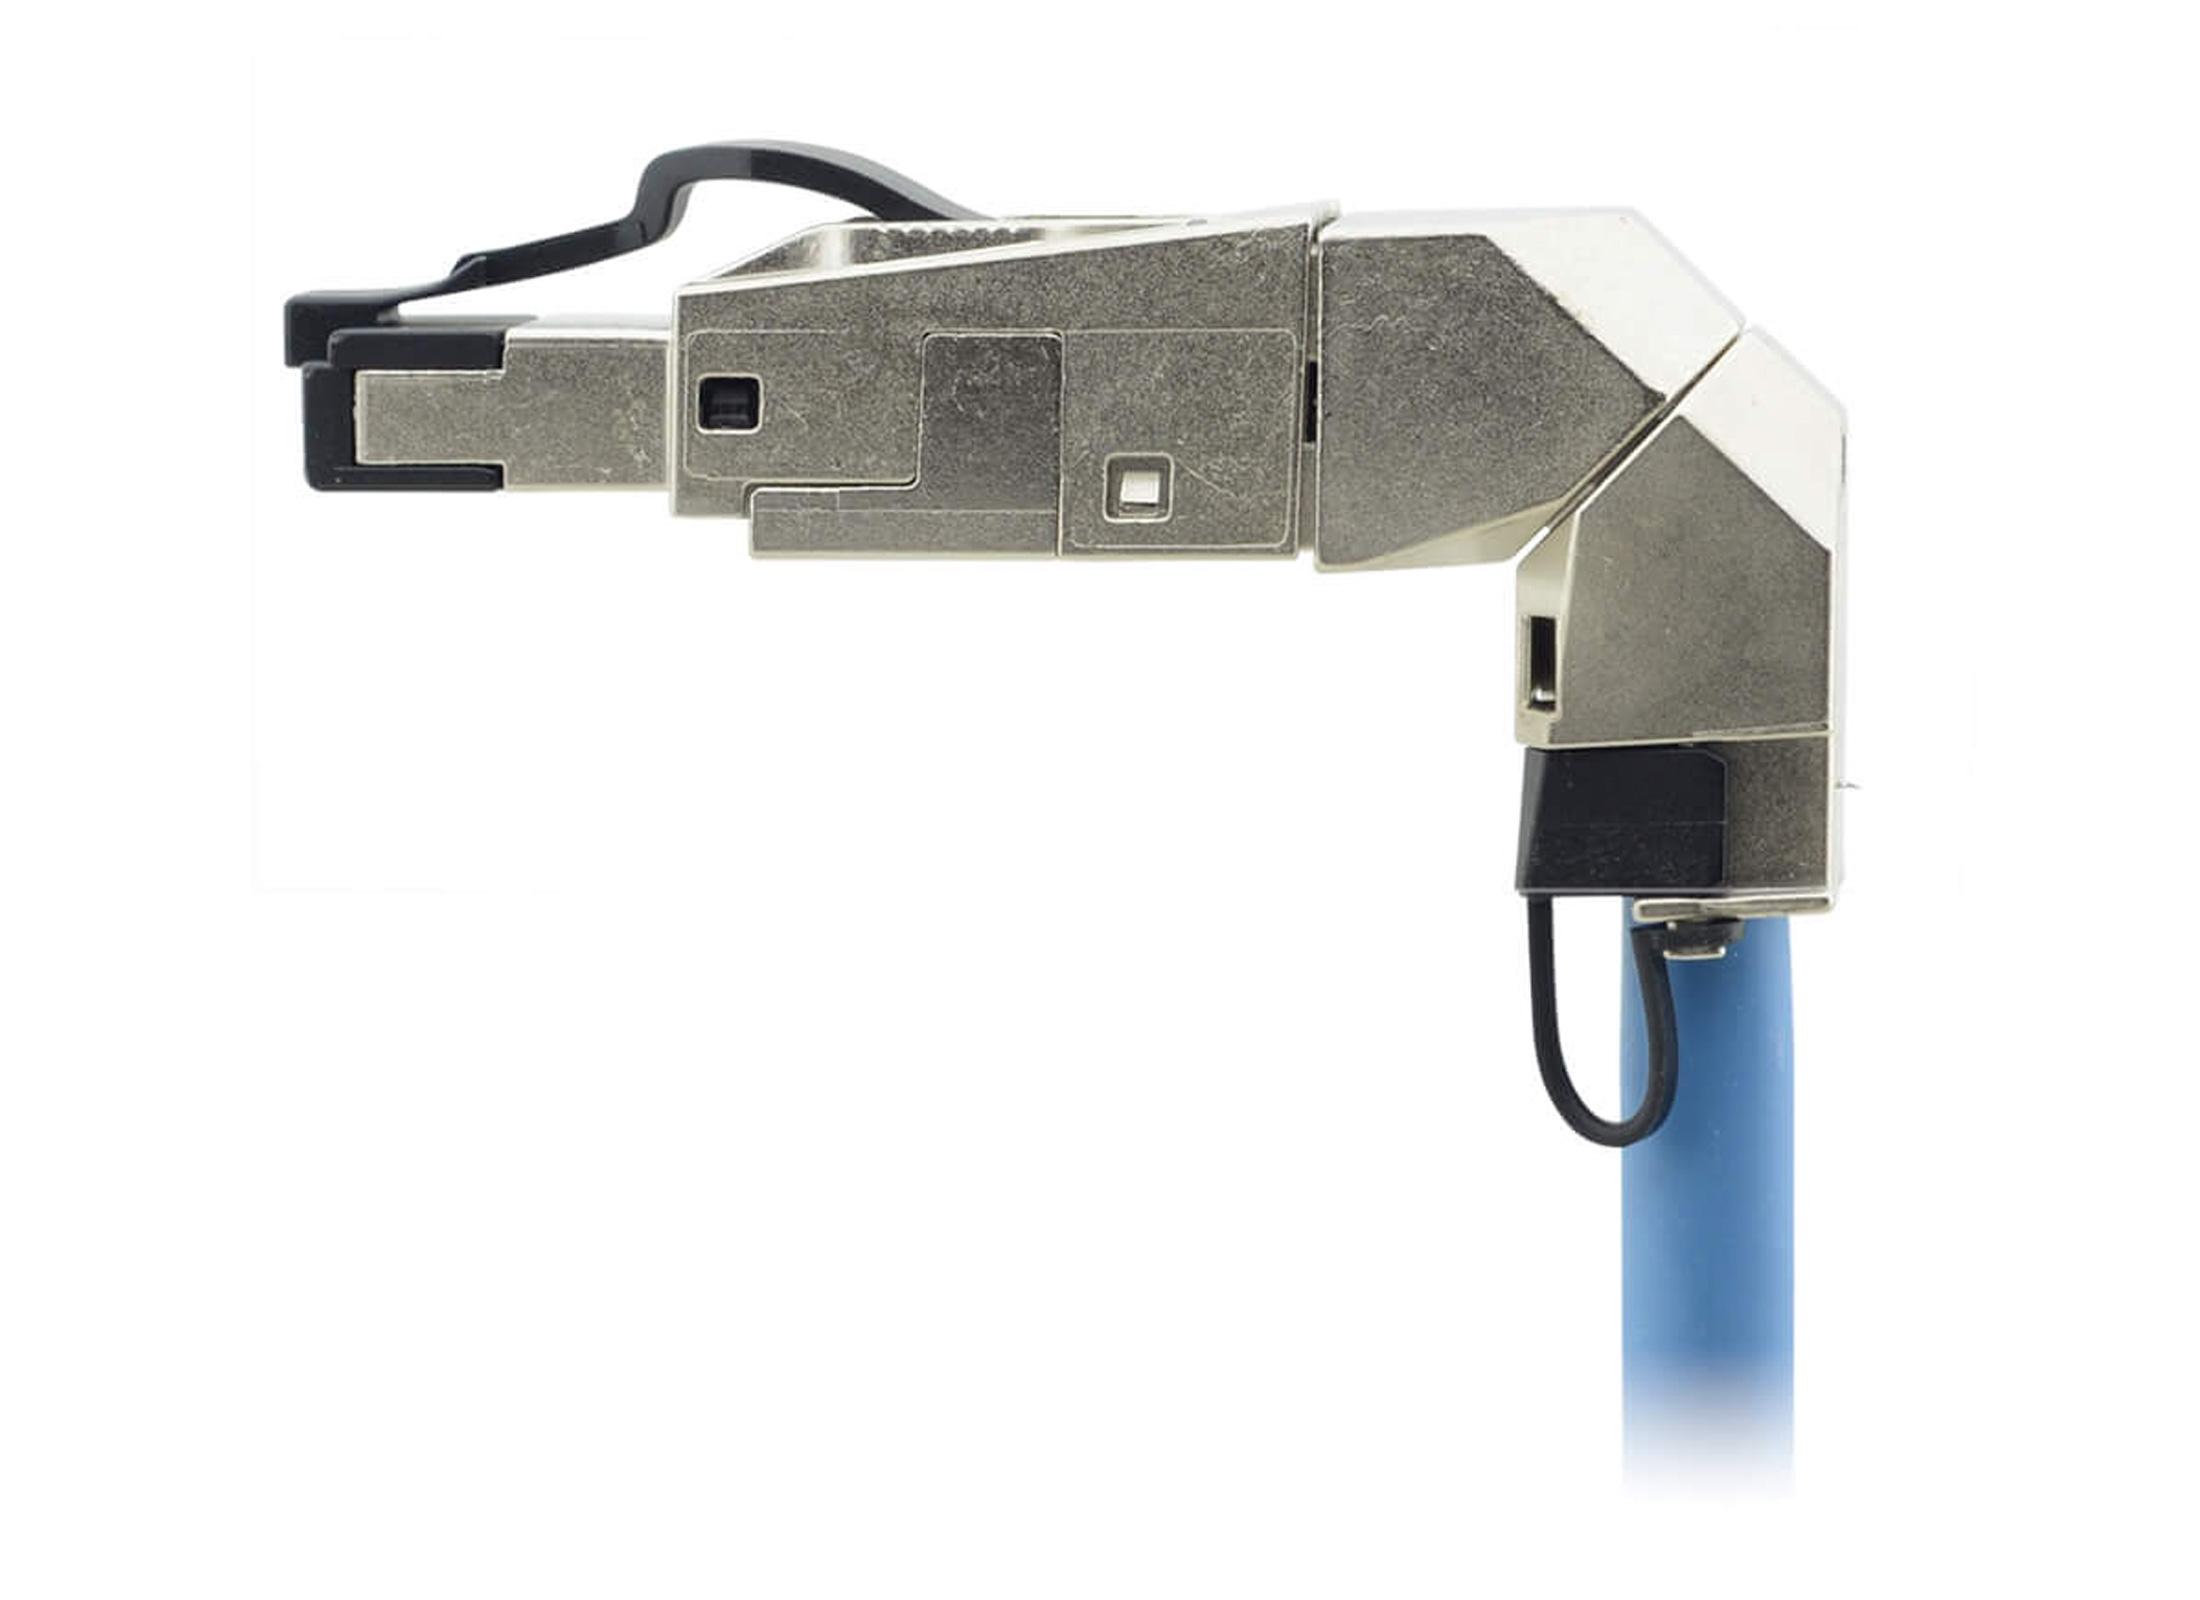 wholesale dealer aa949 07995 Kramer CON-FIELD-360 RJ45 Steckverbinder, grau, ohne Crimpzange montierbar,  Kabelzu.: 360°, für Kabel Ø5.5-10.5mm